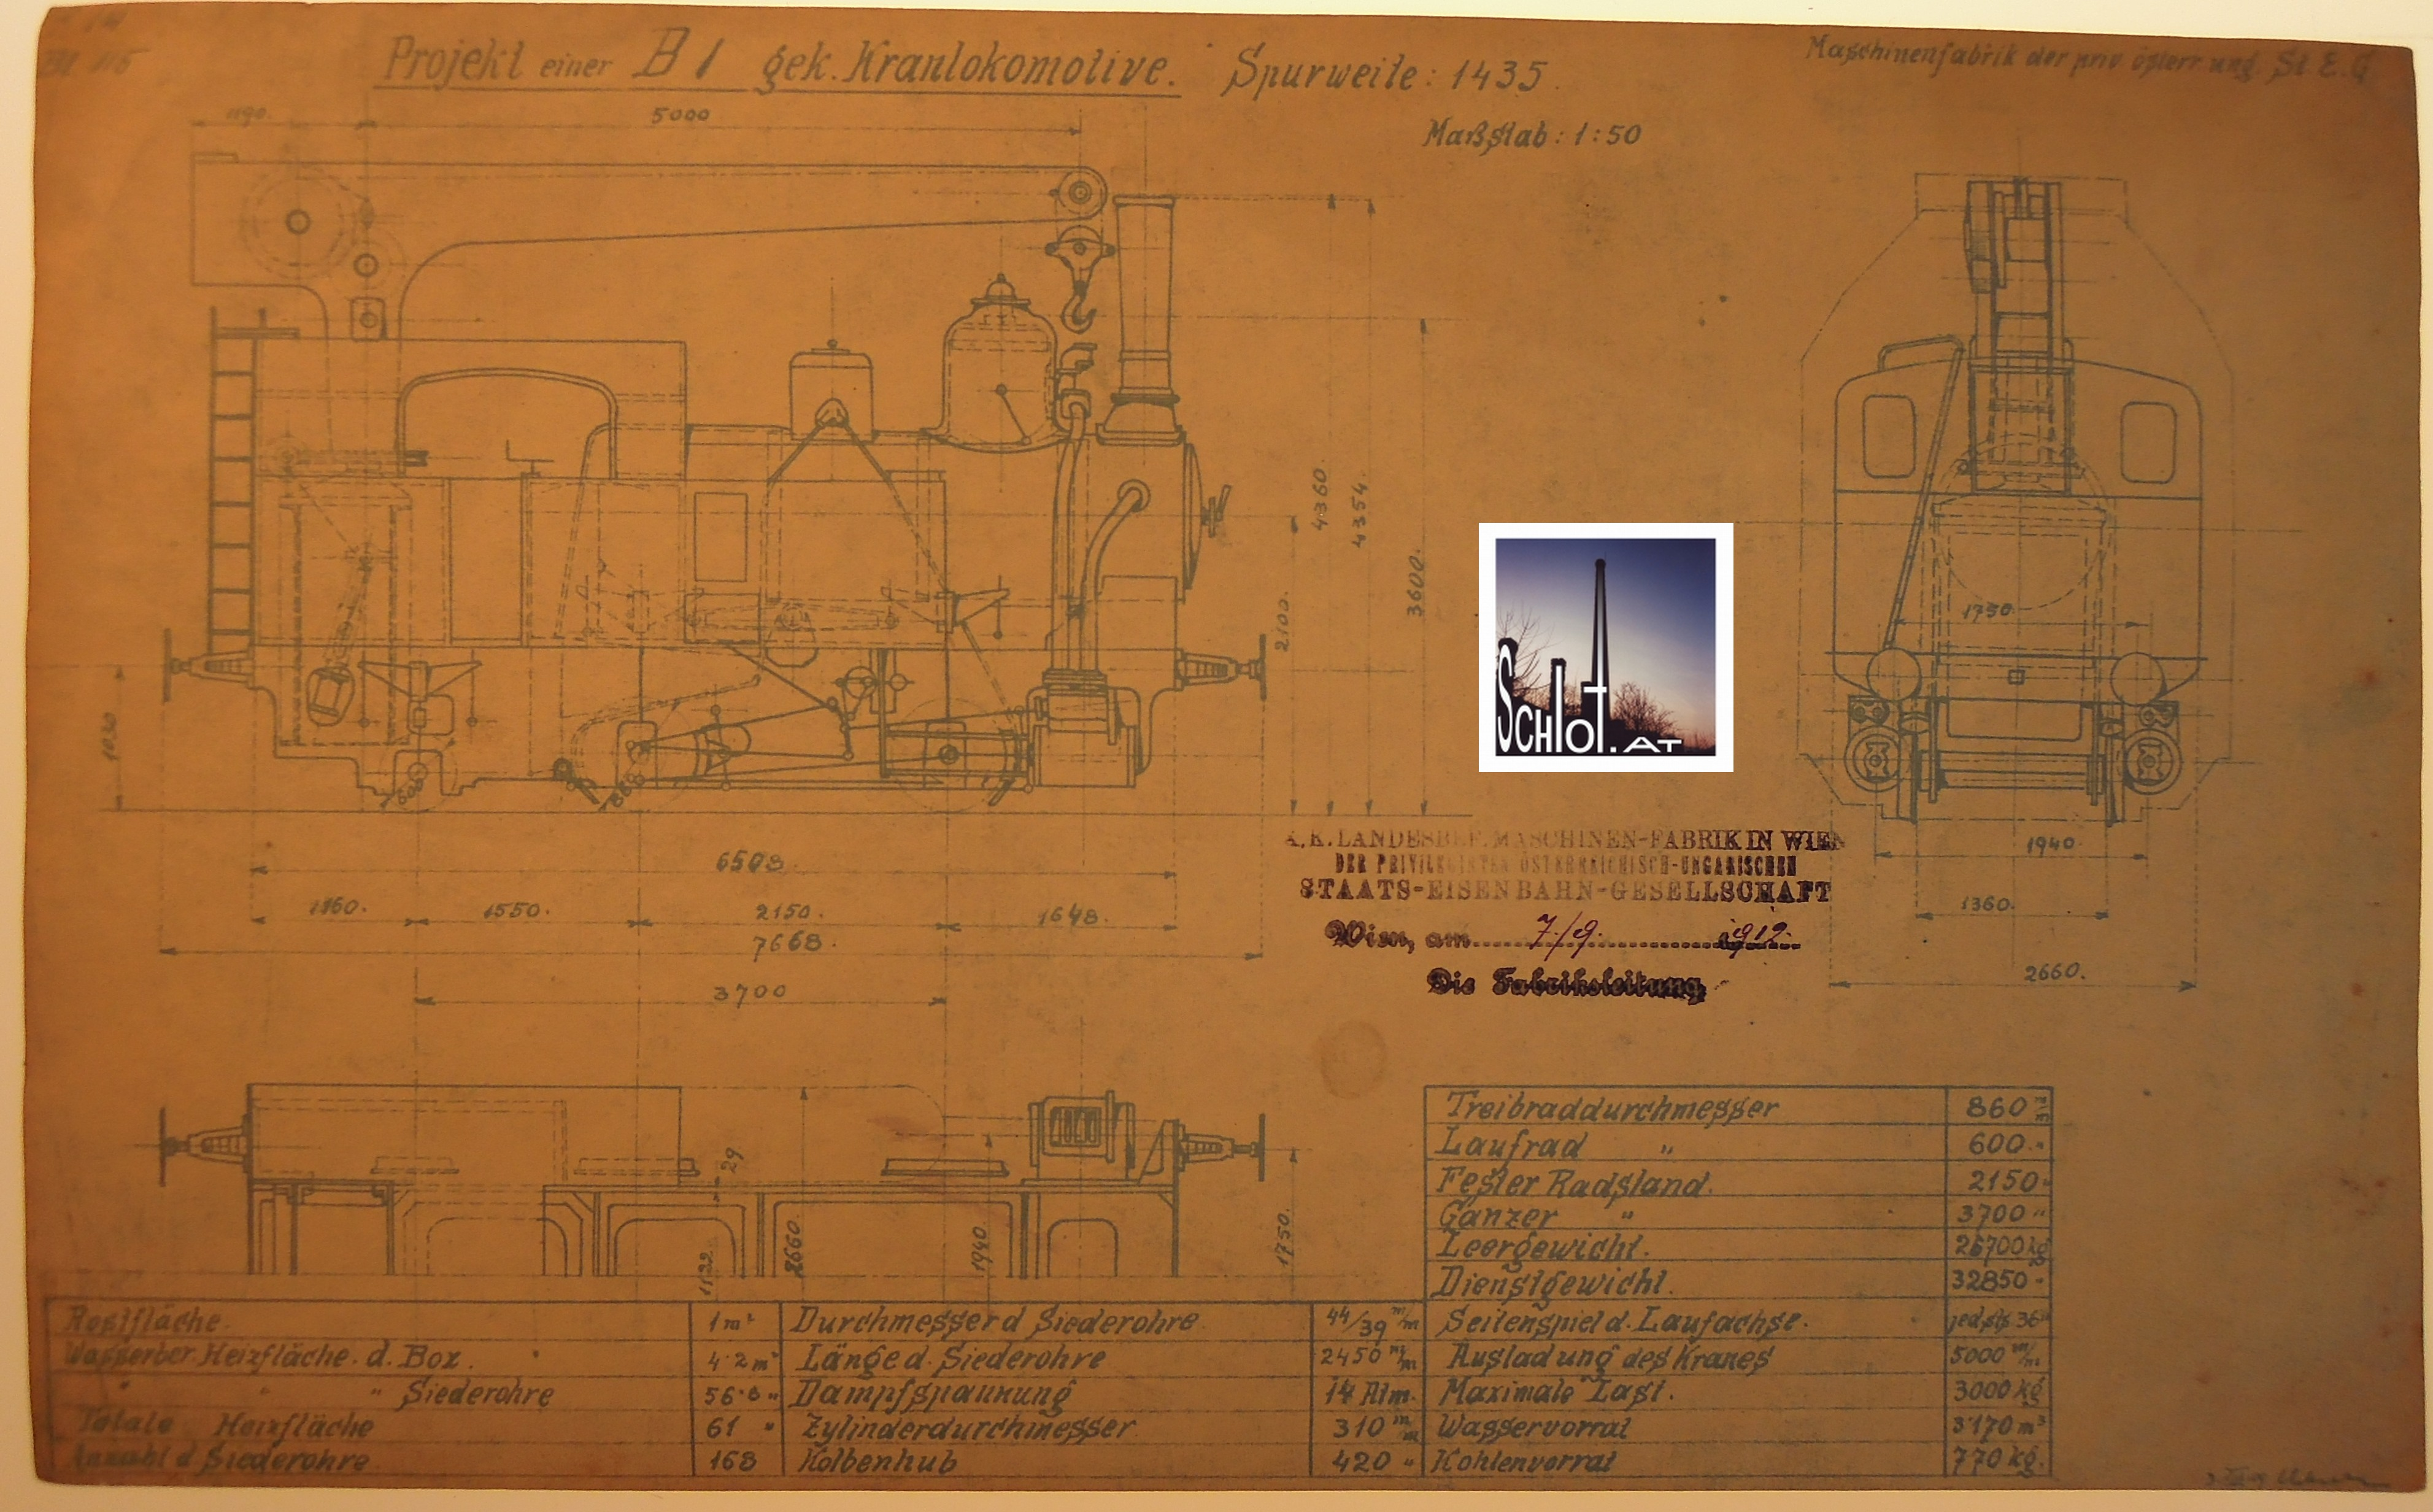 07.09.1912: Projekt einer B1 - gek. Kranlokomotive Spurweite 1435 mm